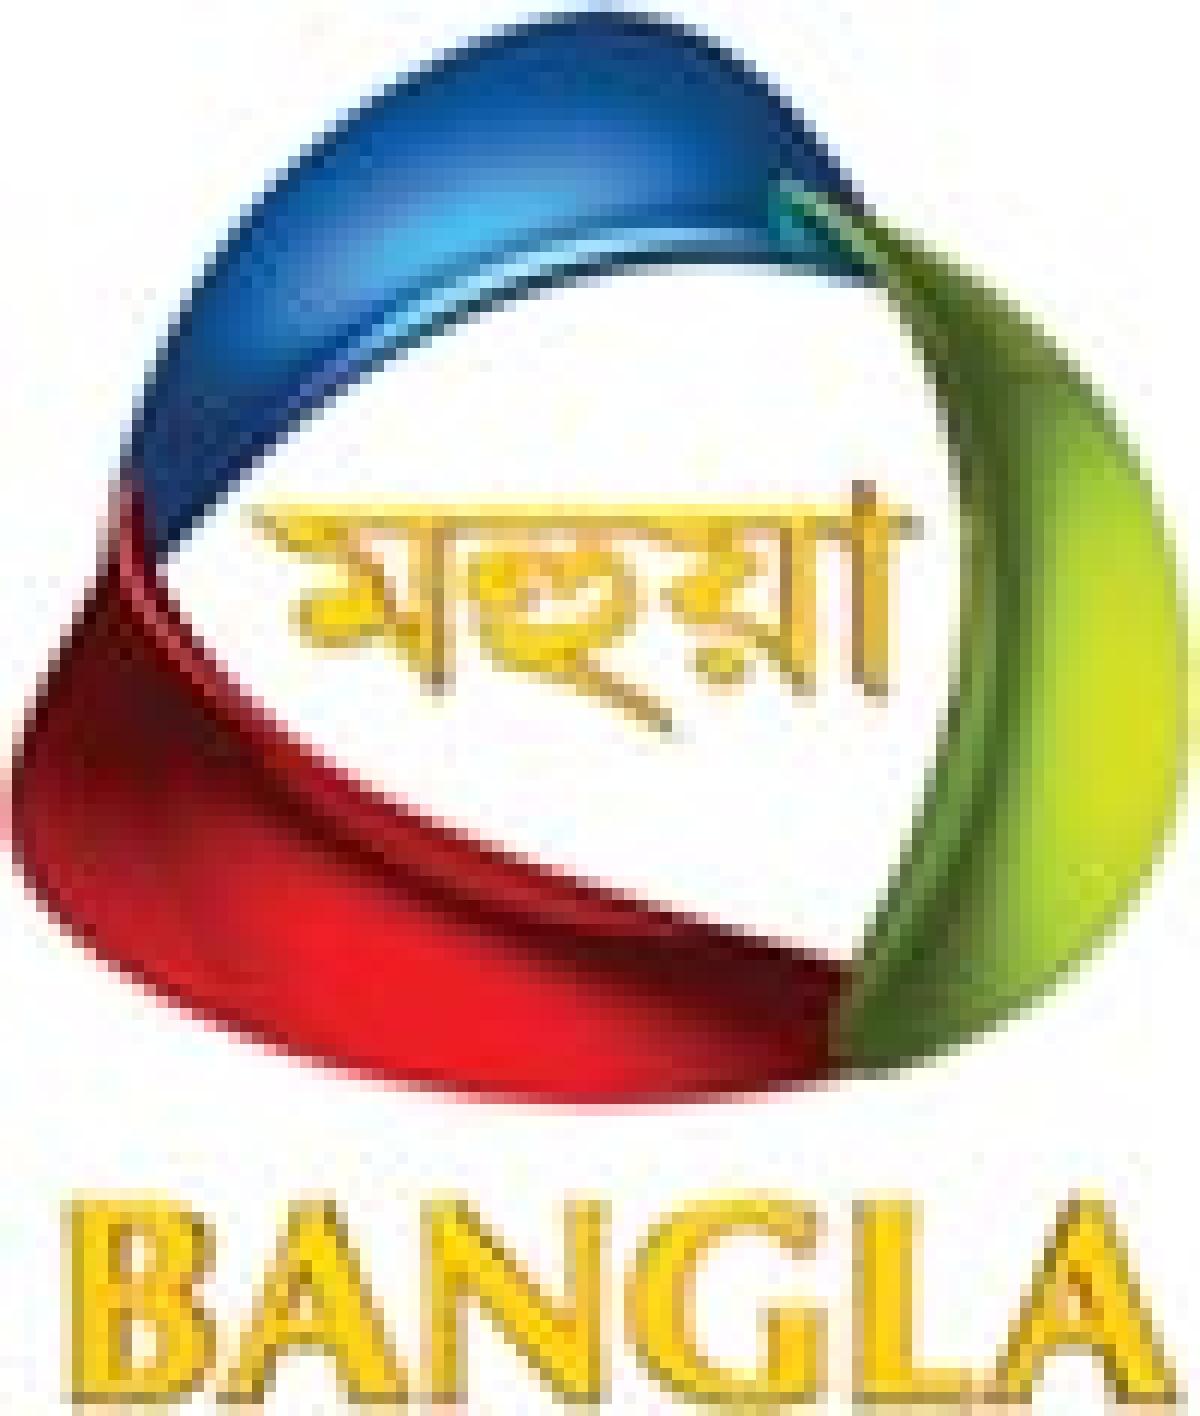 Etv bangla telefilm betting on sports rules of a yankee betting